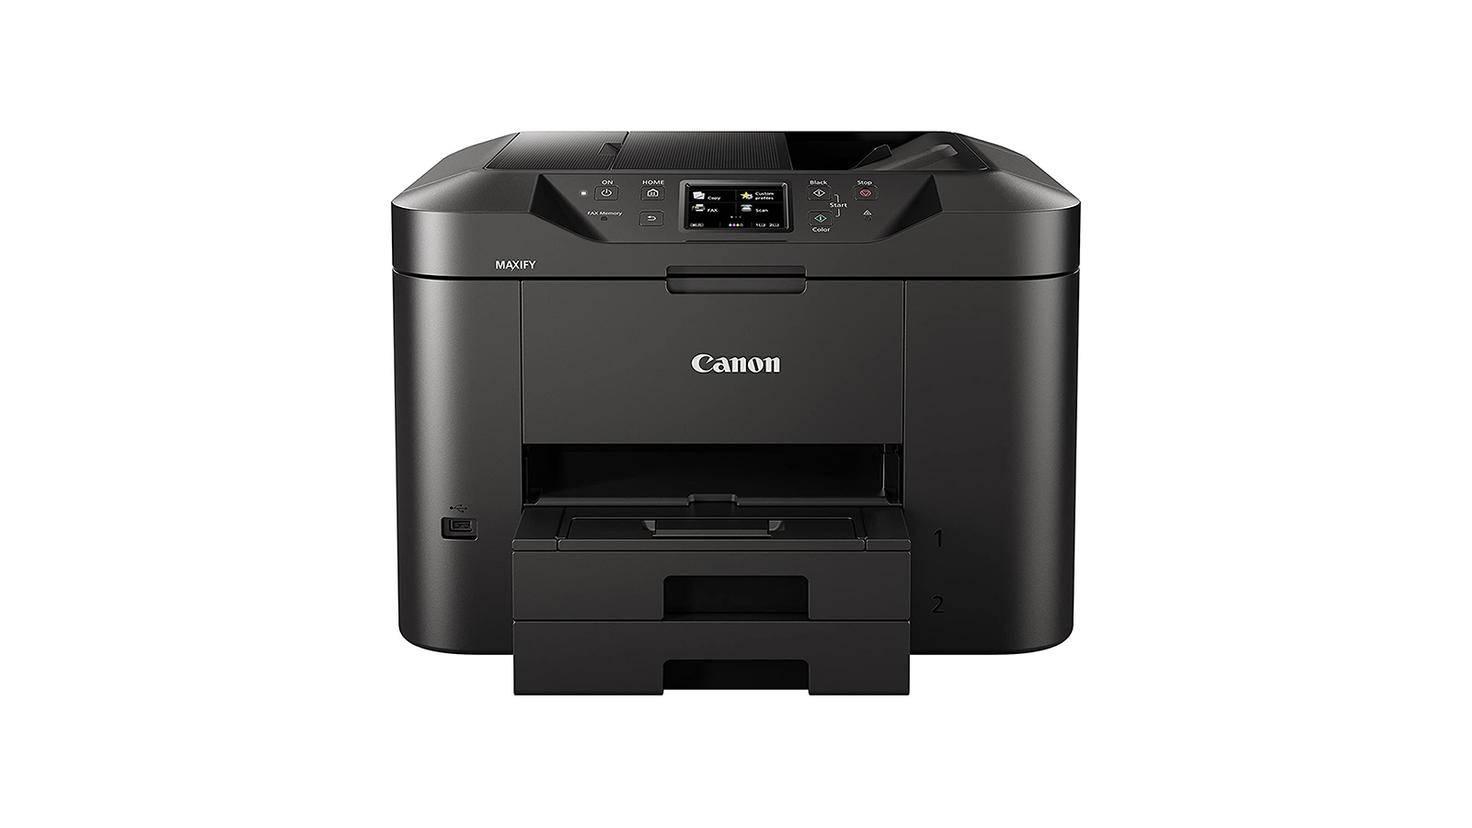 Canon Maxify MB2750: